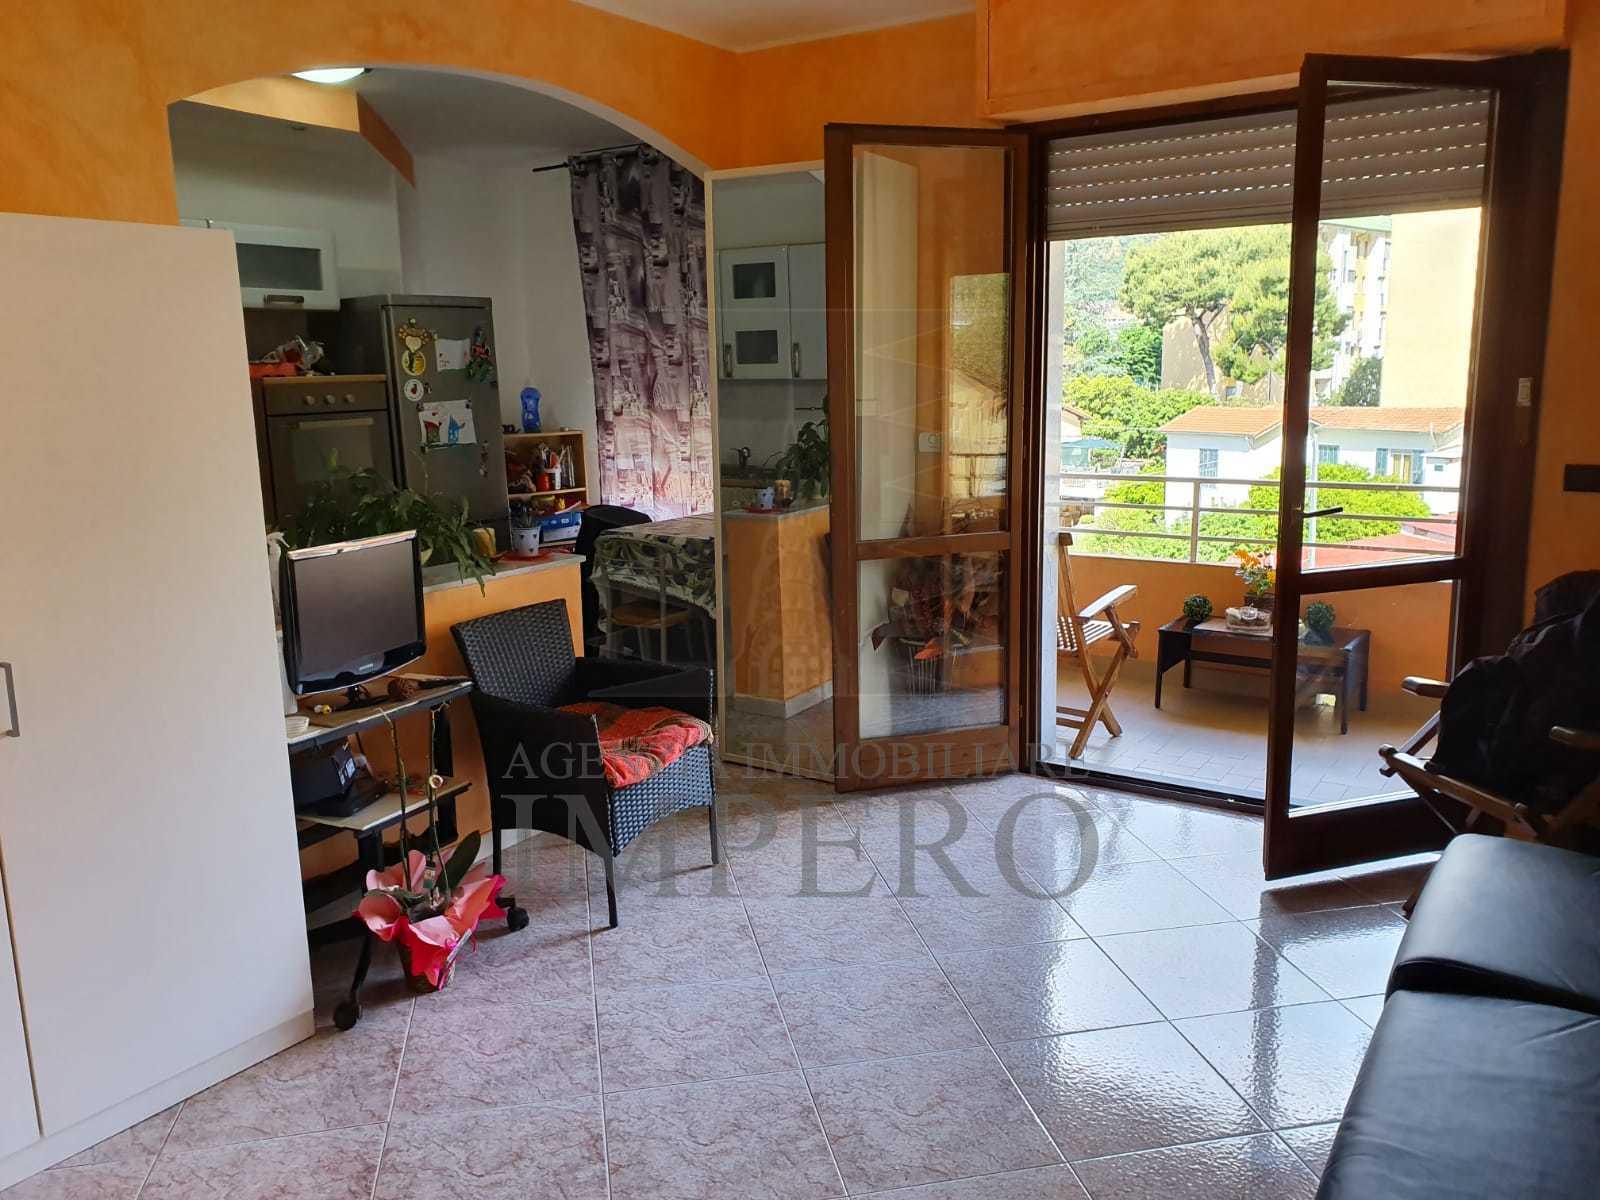 Appartamento, Ventimiglia - Roverino